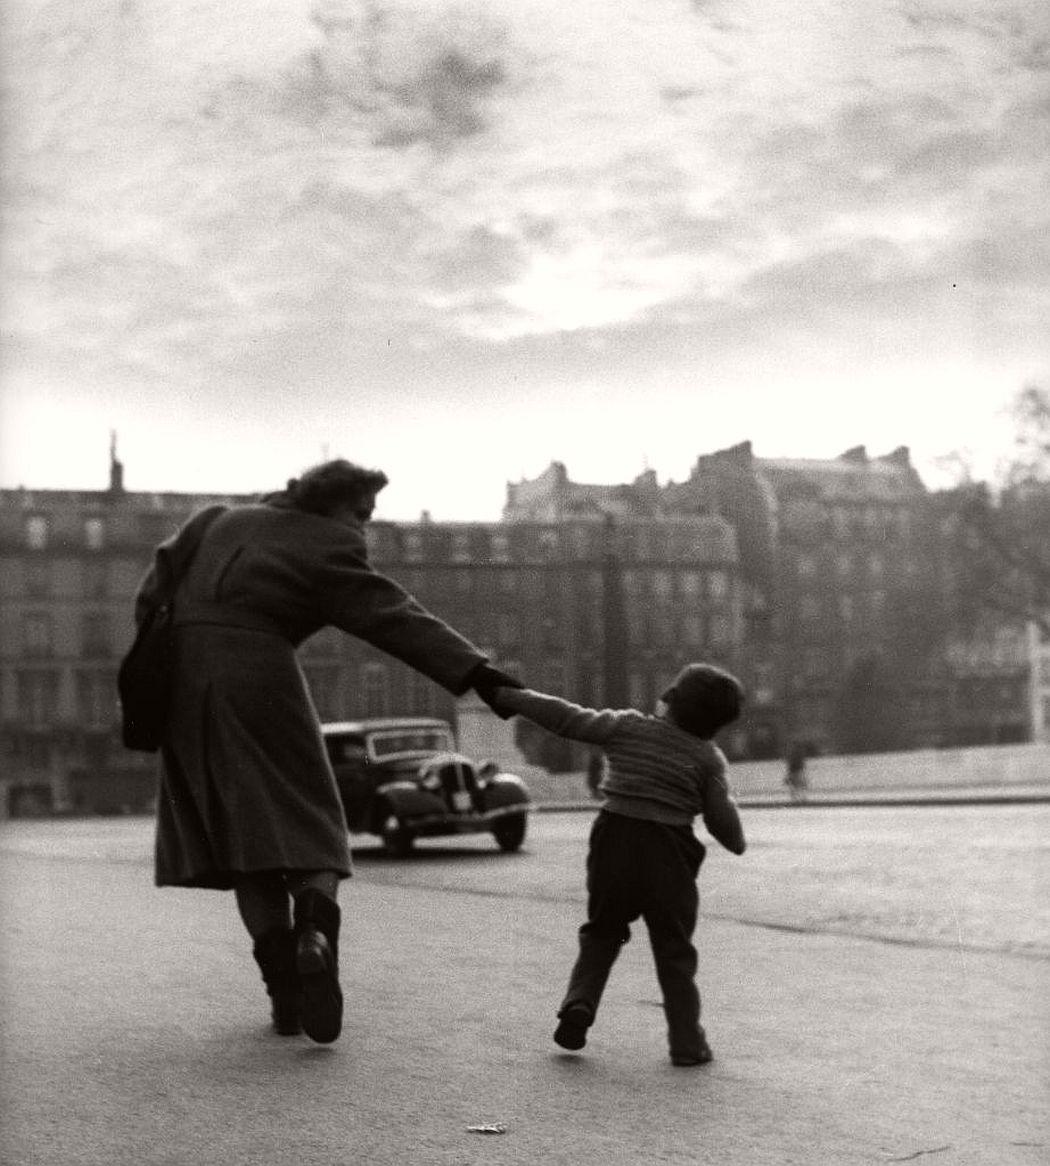 louis-stettner-american-street-photographerr-04